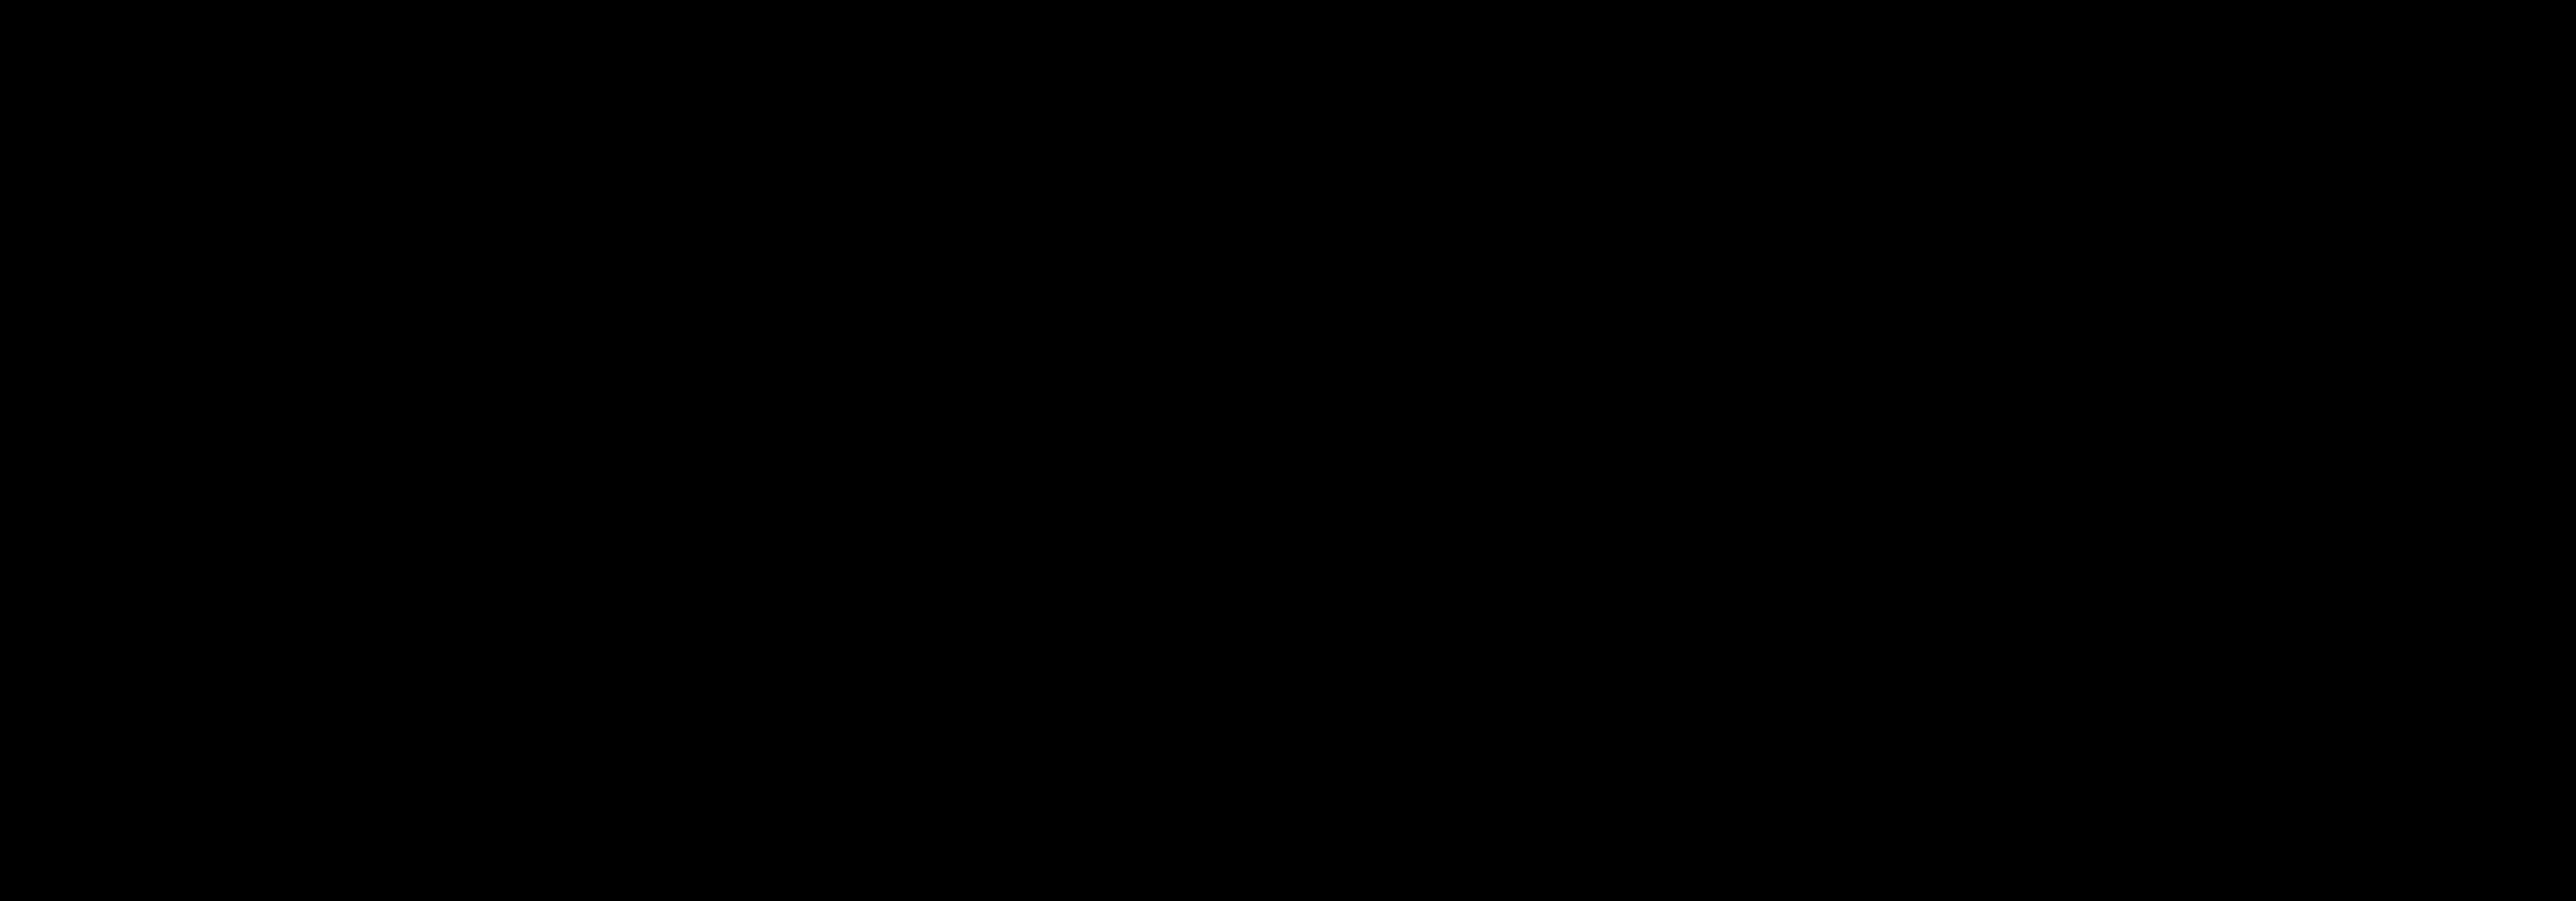 Logo Bitquick - Est. 2011 - @bitquick - bitquick.com